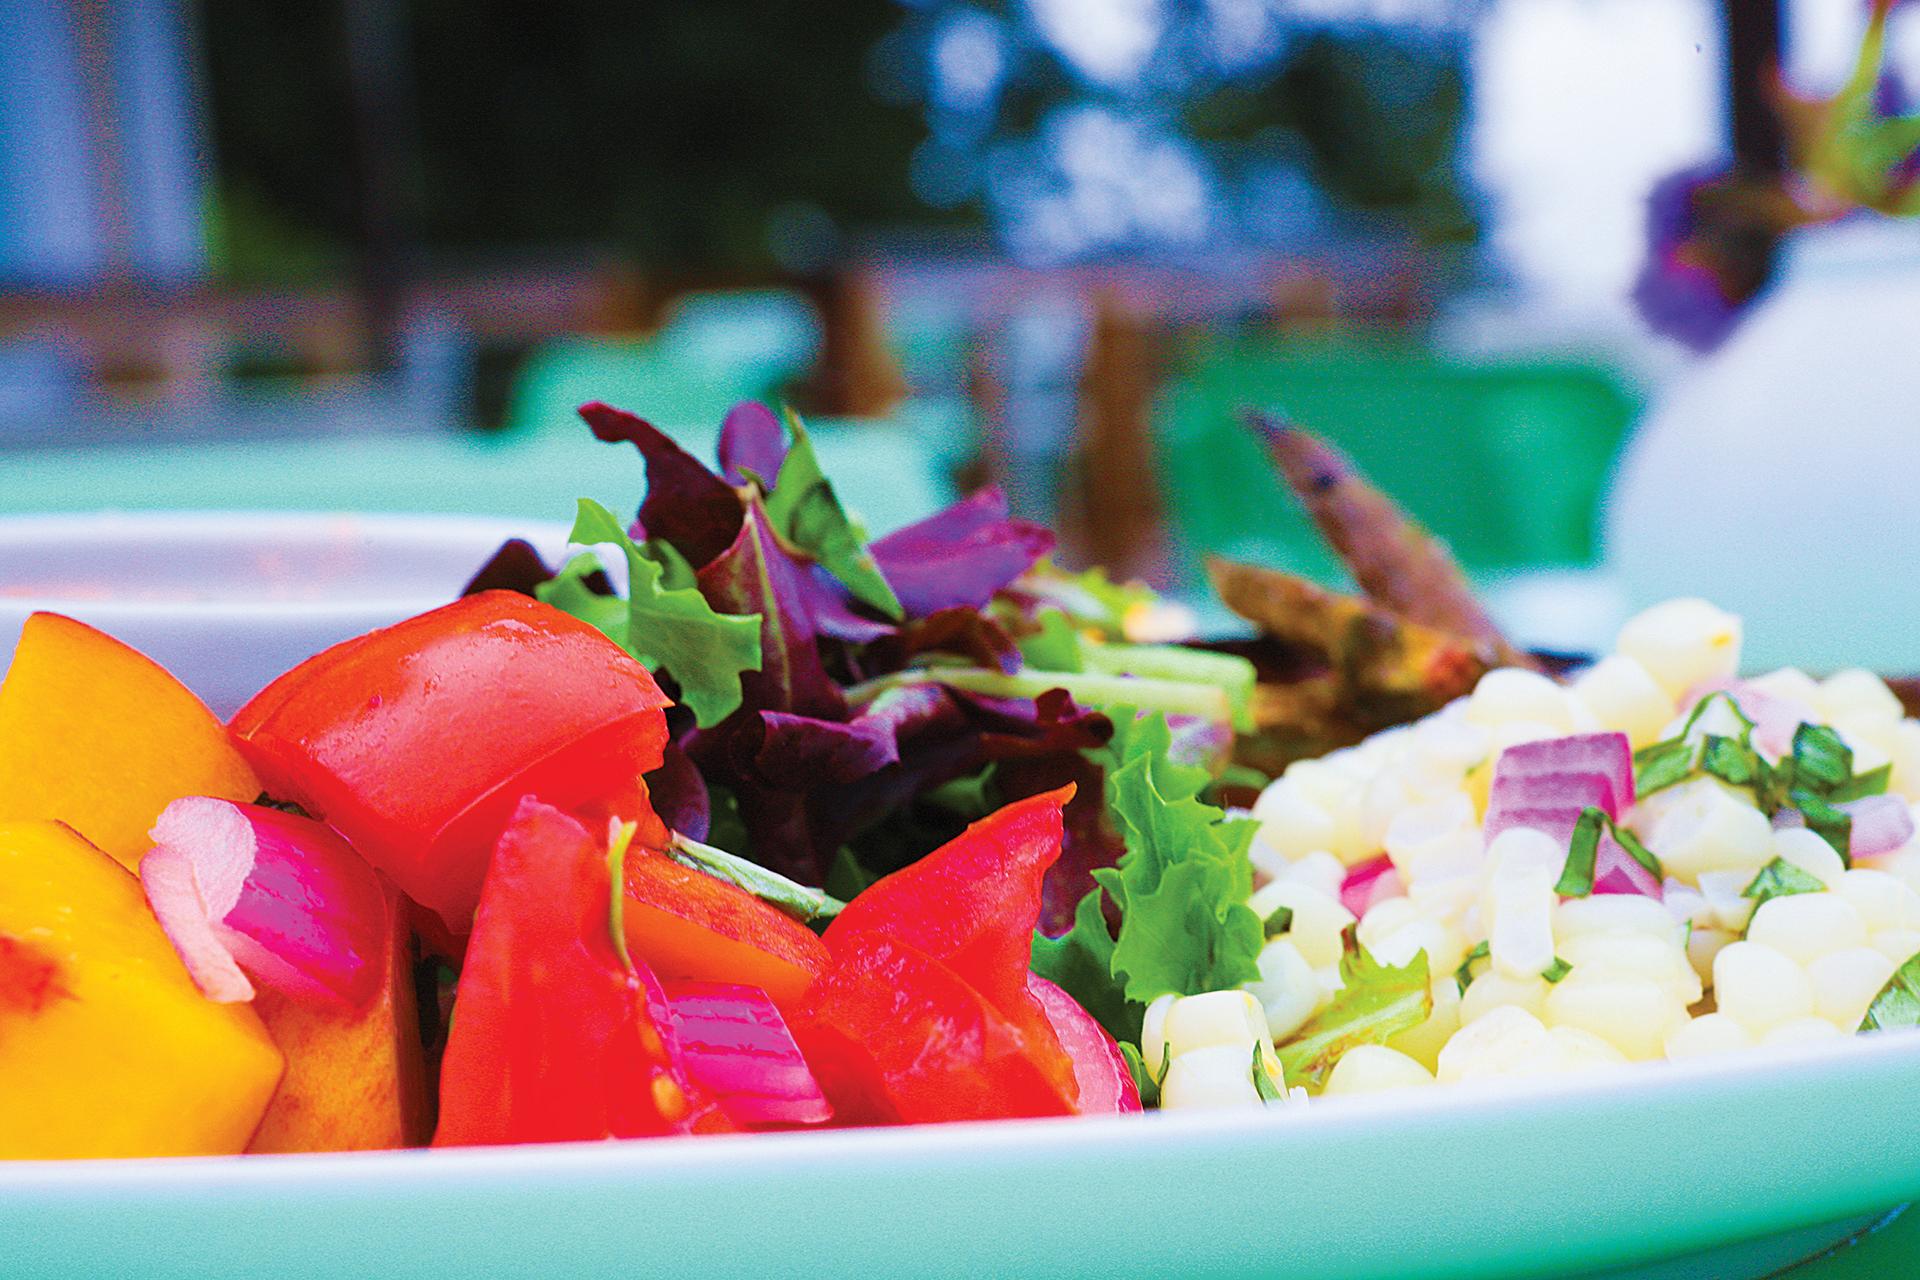 highlands-nc-restaurant-fire-water-salad